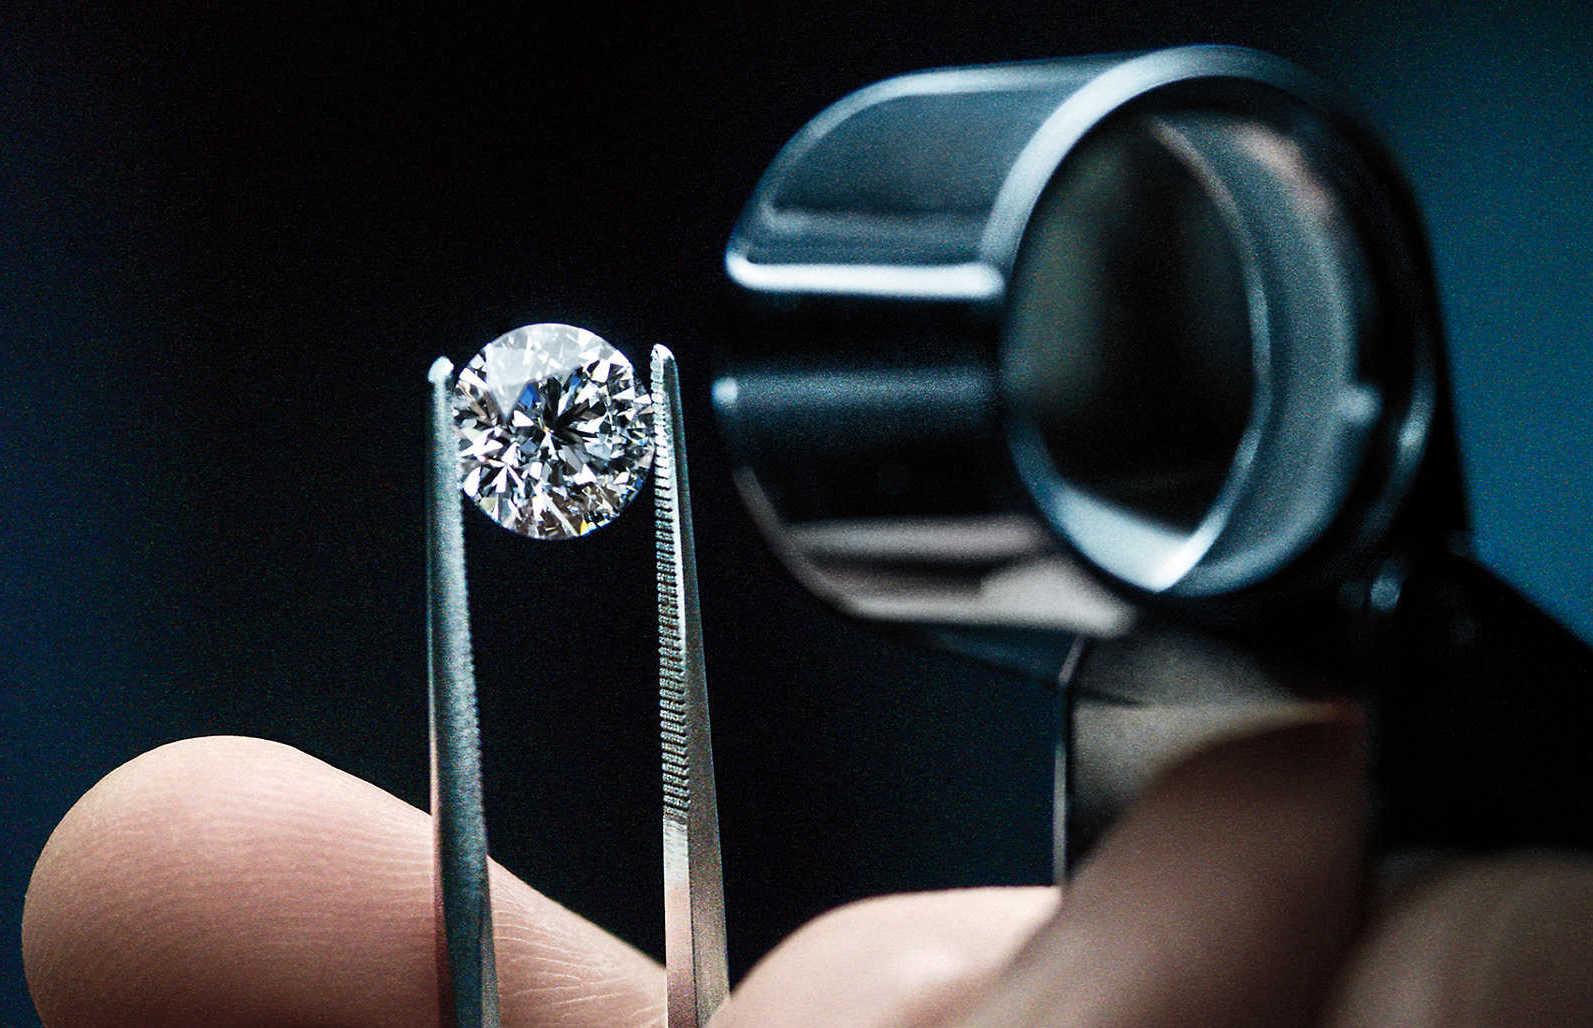 提升珠宝行业透明度!LVMH、开云、历峰等奢侈品巨头联合推出免费学习平台